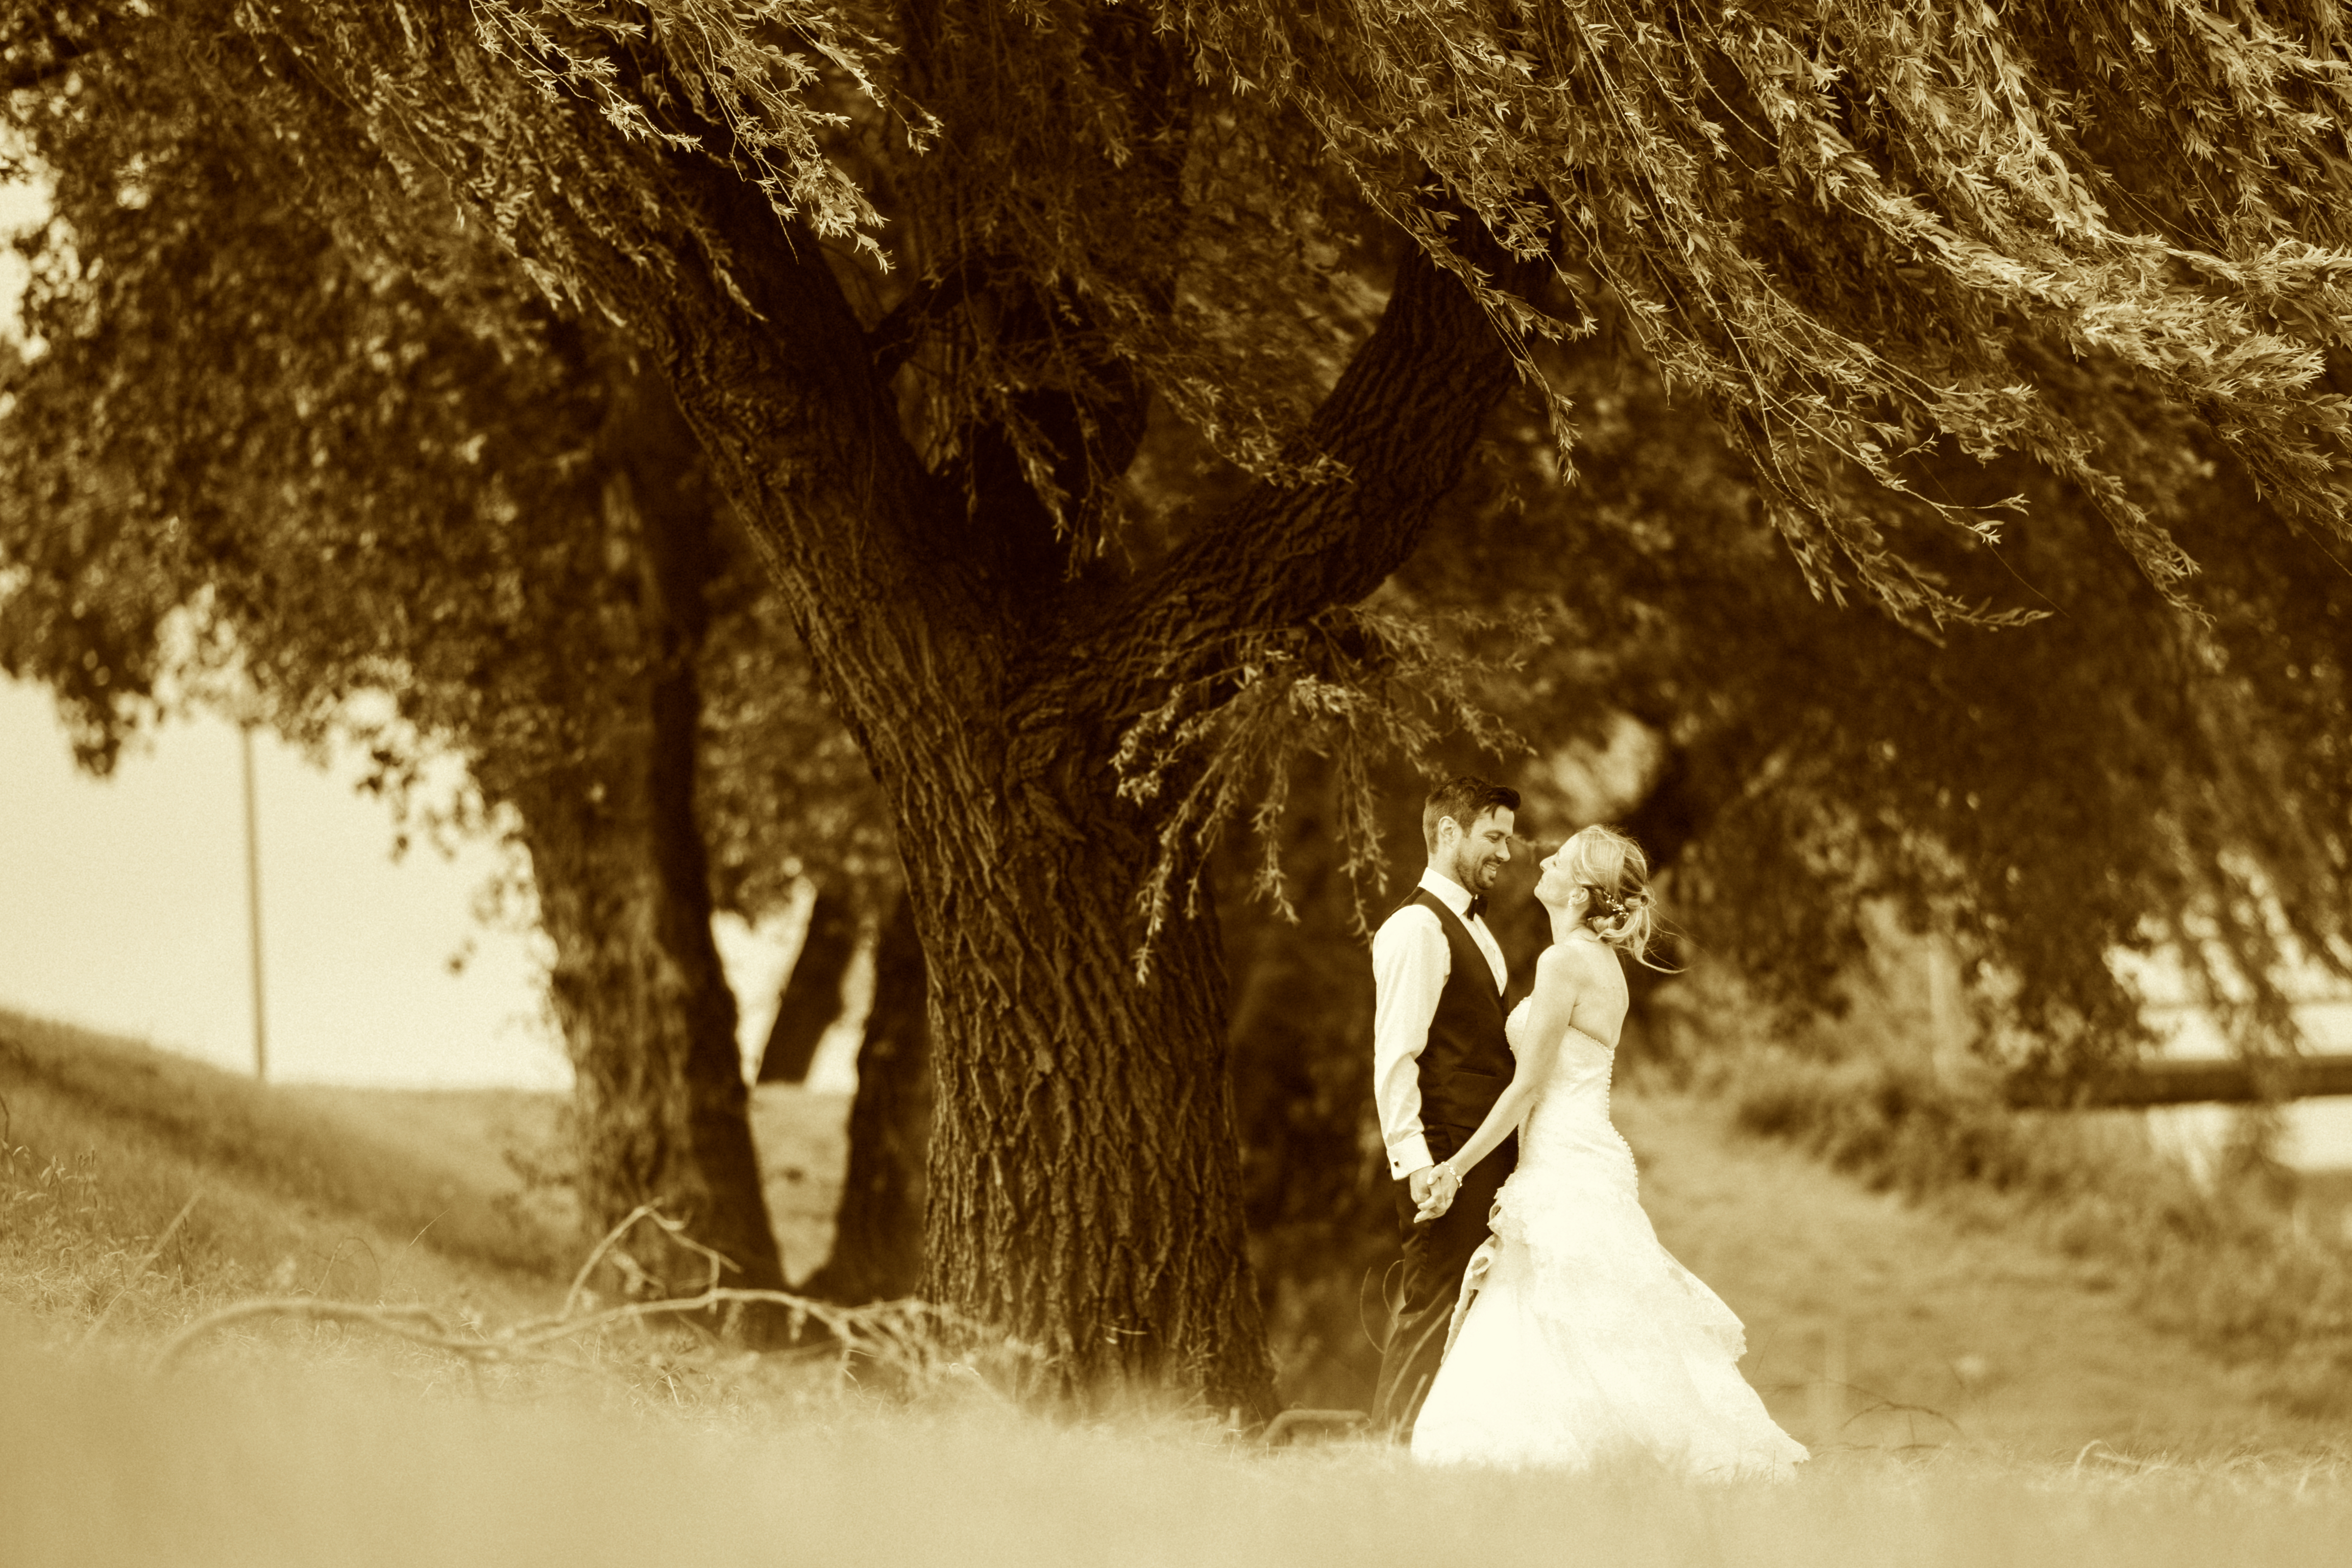 Herzlichen Glückwunsch zur Hochzeit!